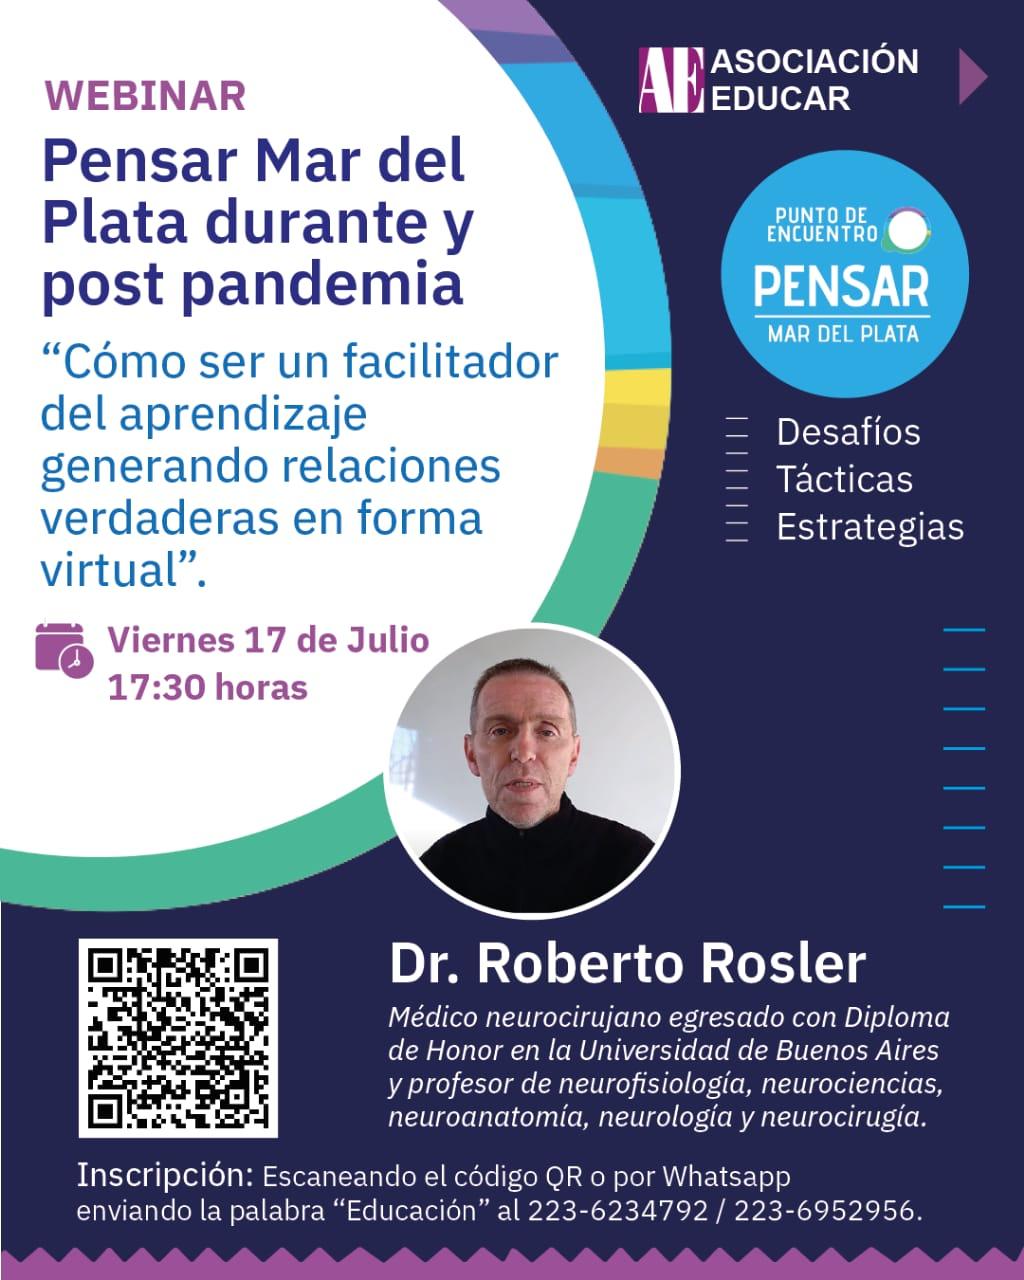 """""""Pensar Mar del Plata"""" durante y post pandemia"""